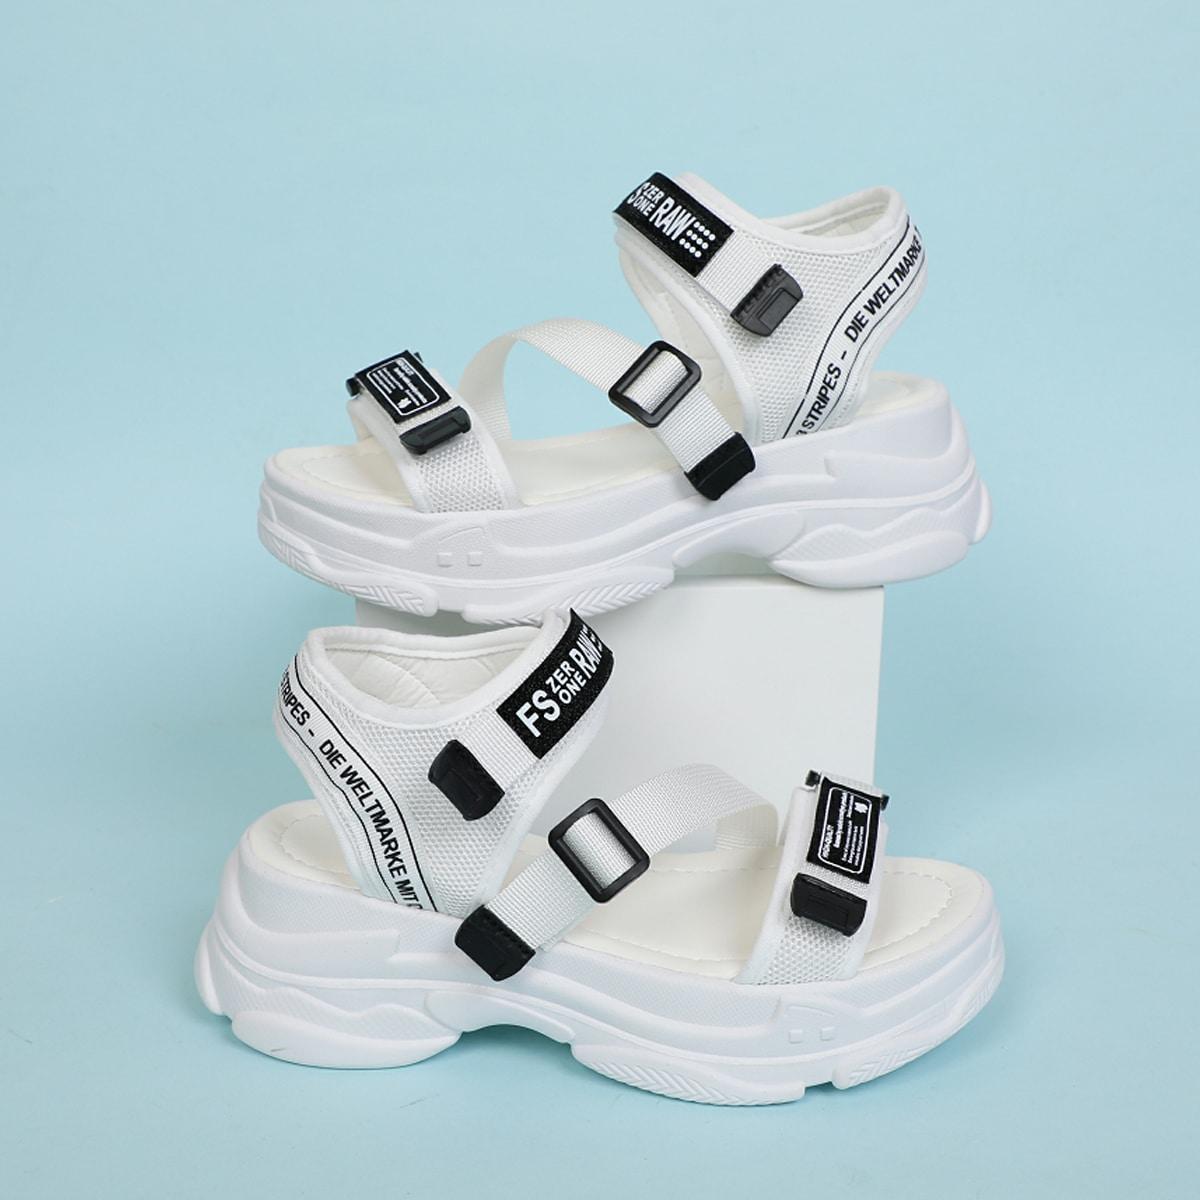 Спортивные сандалии с текстовым принтом на липучке